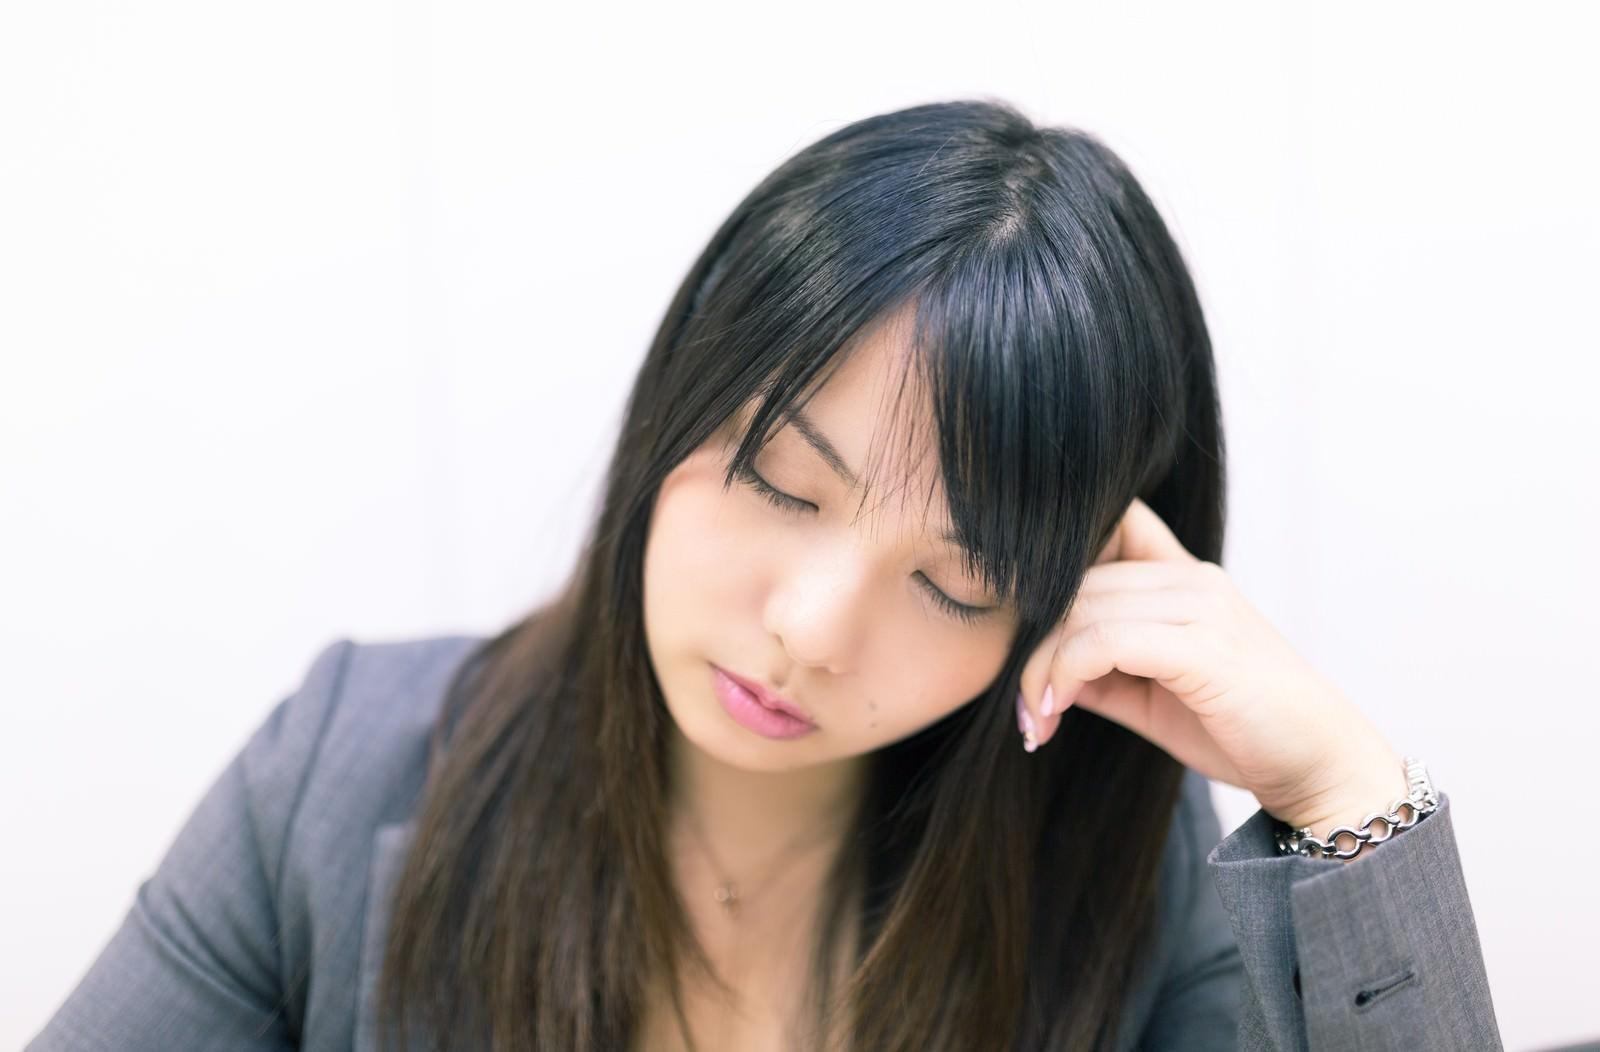 「考えこむフリをして会議中堂々と居眠りをする女性社員」の写真[モデル:Lala]